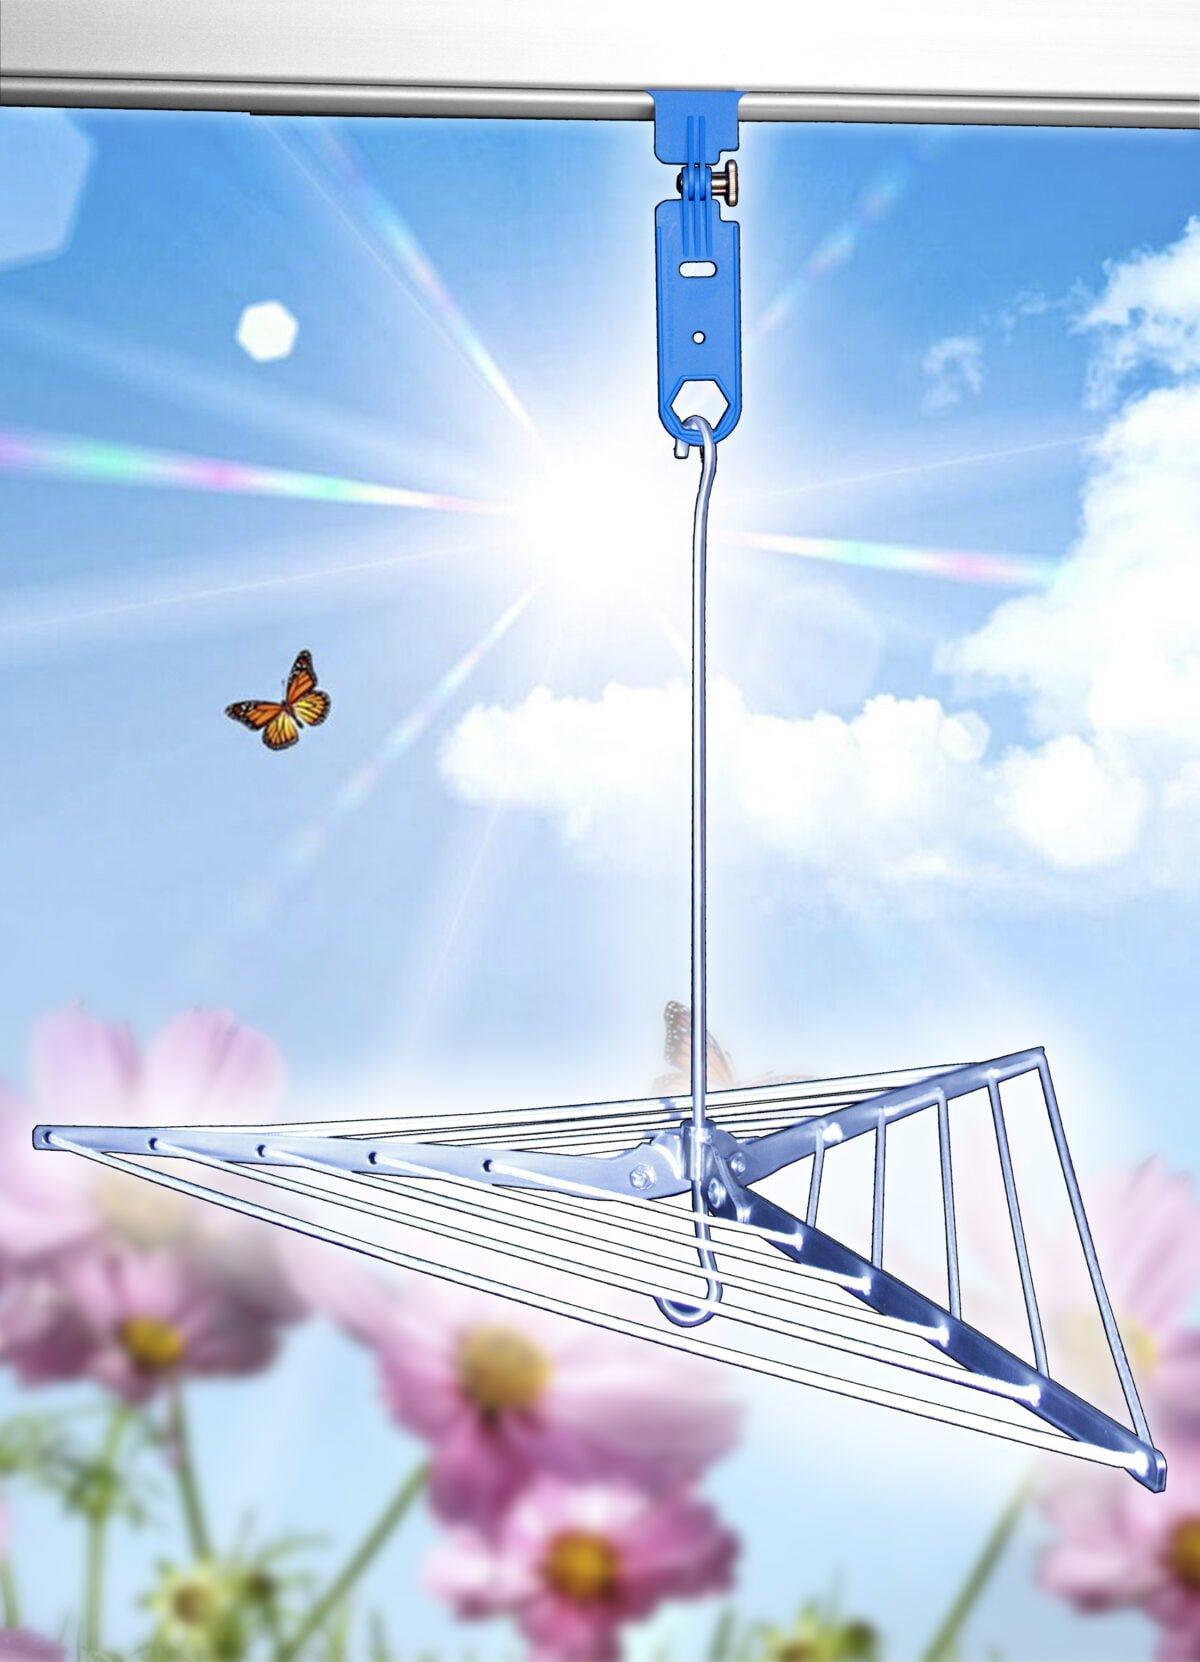 Flat Dryer rek met MUFU Light blauw en bloemenachtergrond